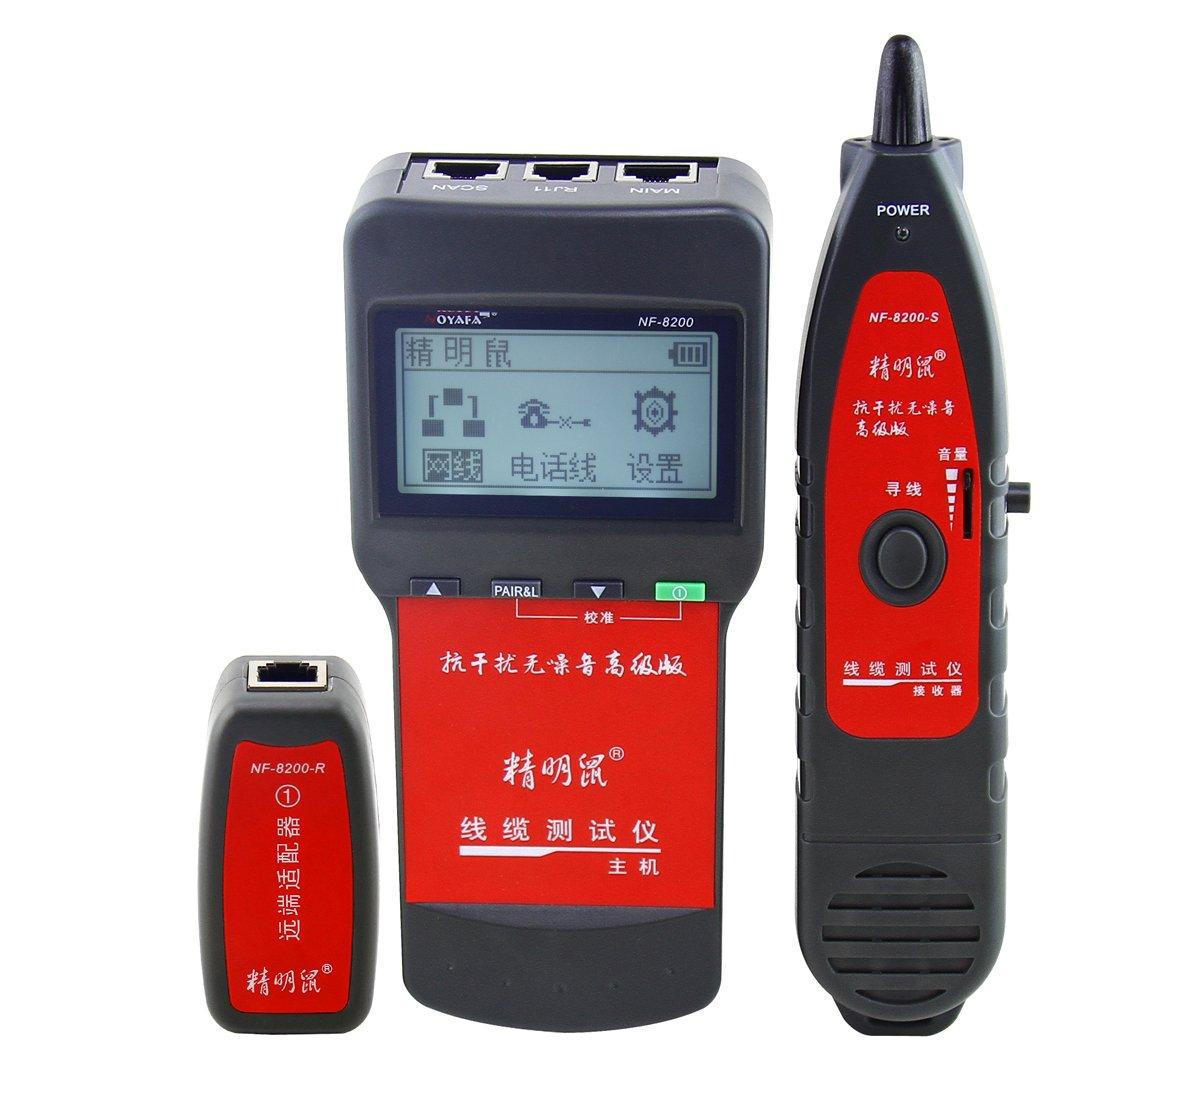 精明鼠 nf-8200 noyafa电话网络专用测试仪